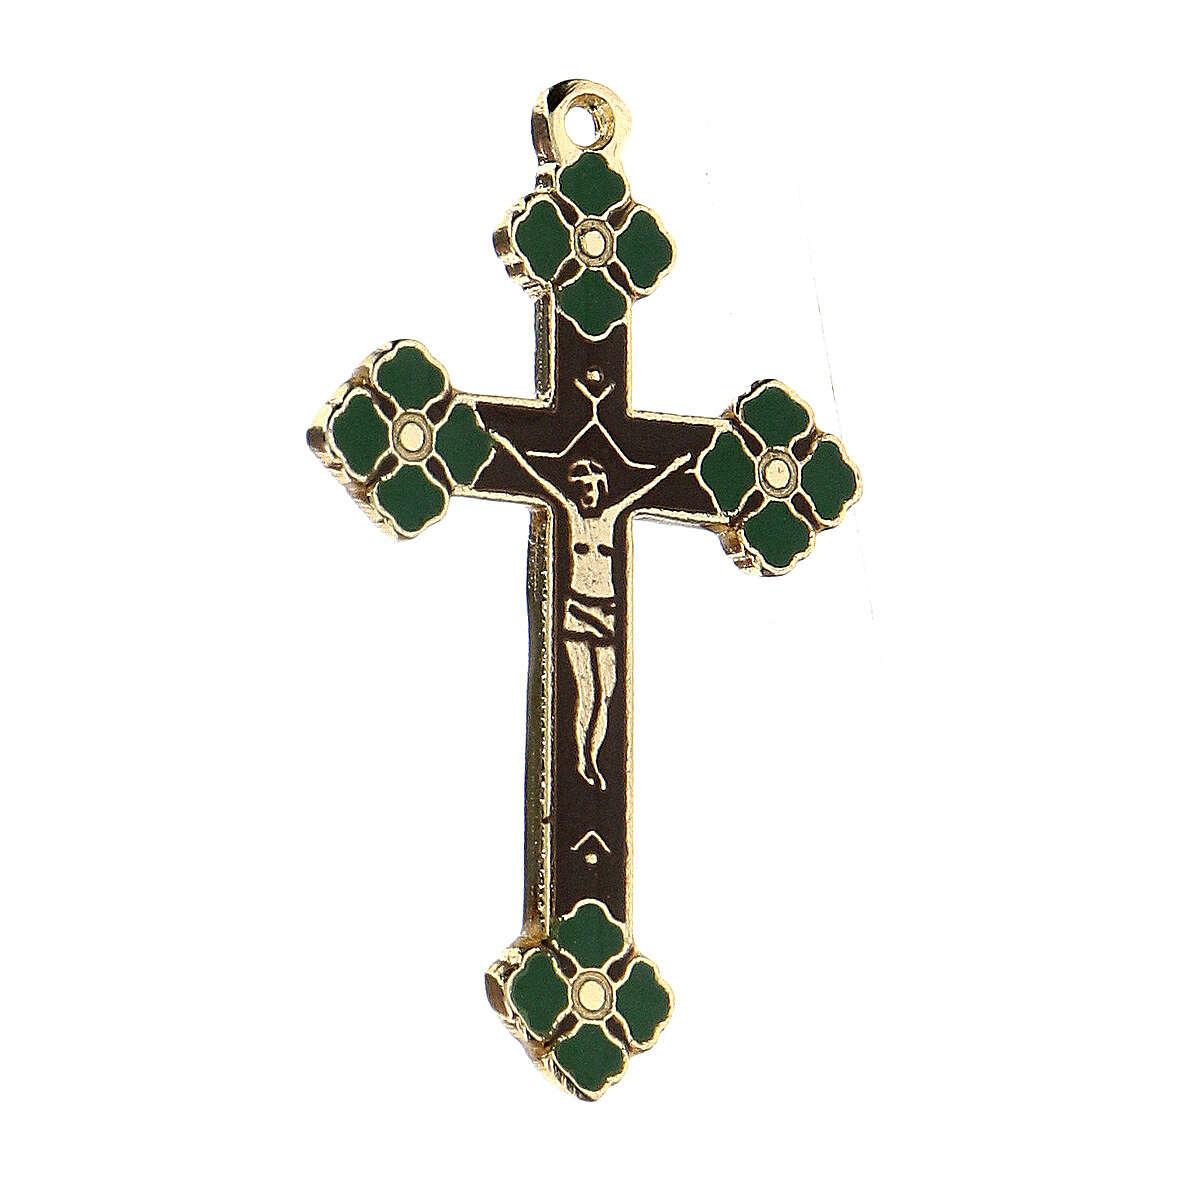 Krucyfiks emalia zielona zawieszka 4